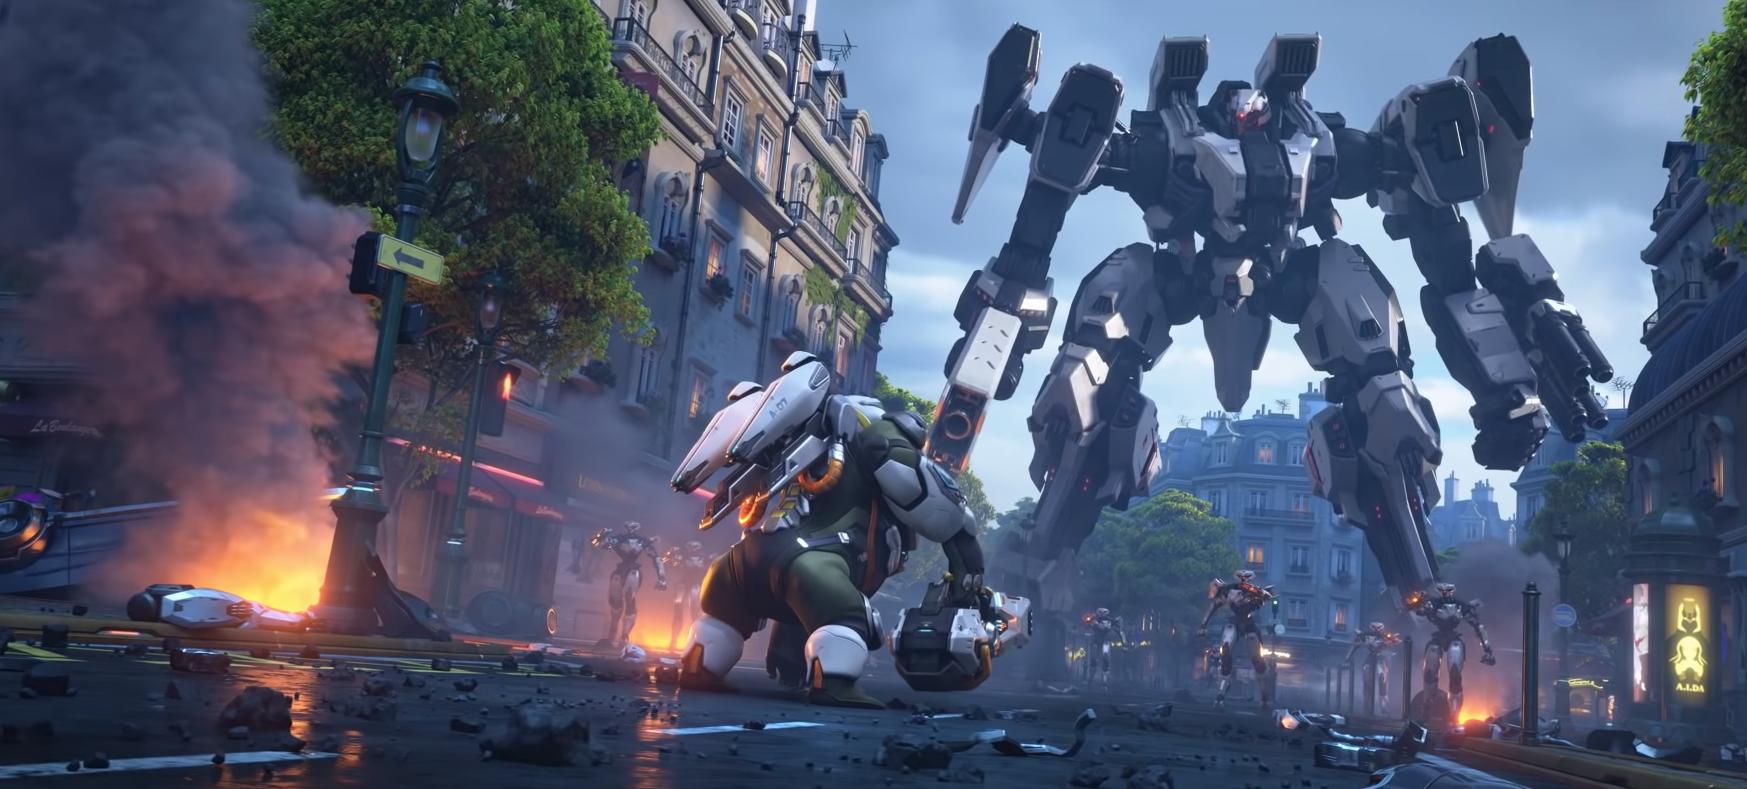 Overwatch 2 julkistettiin – Tässä tarkat tiedot ja häikäisevät trailerit